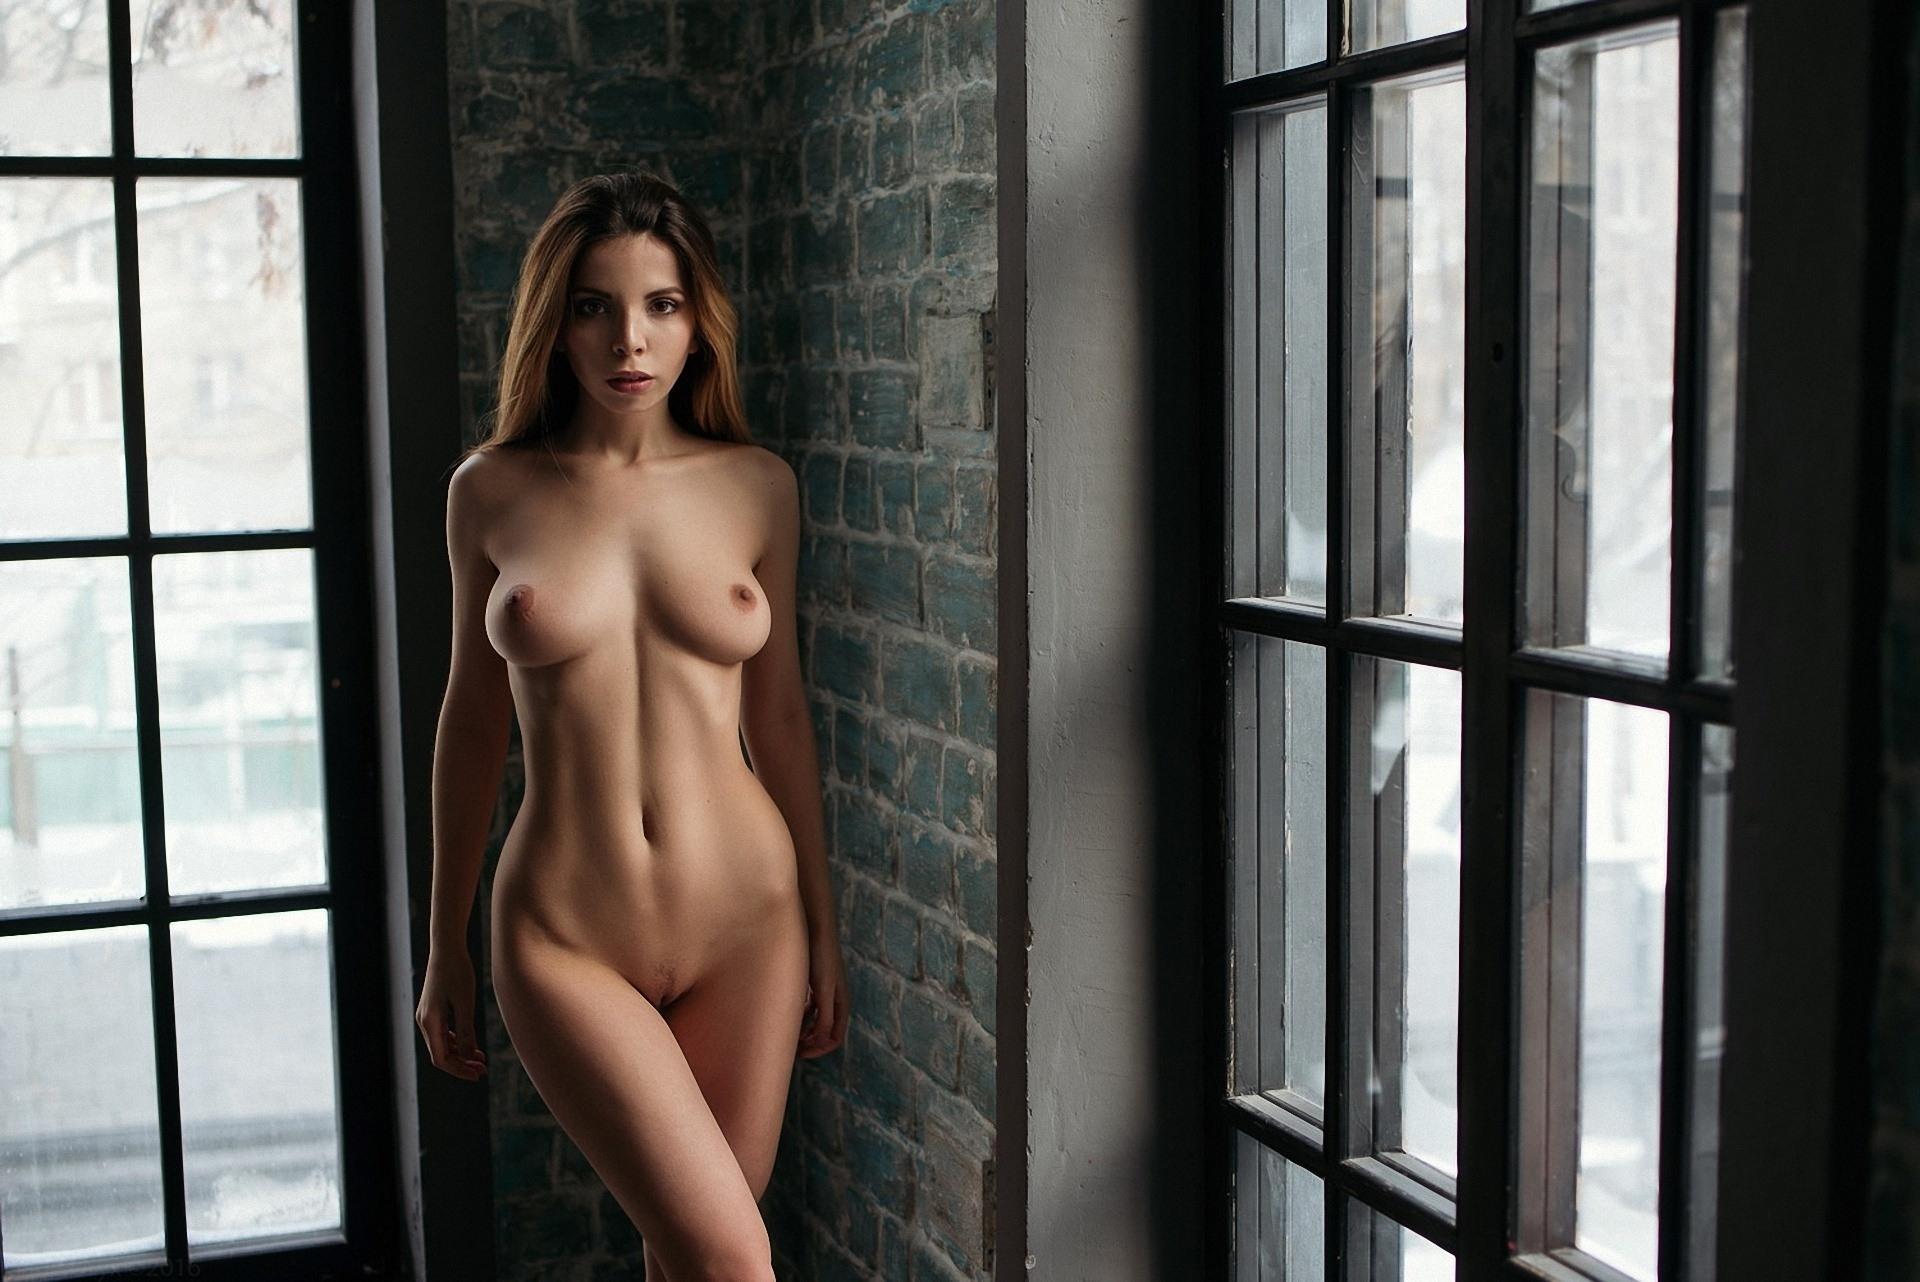 Фото Голая девушка, плоский животик, сиси, большие окна, скачать картинку бесплатно